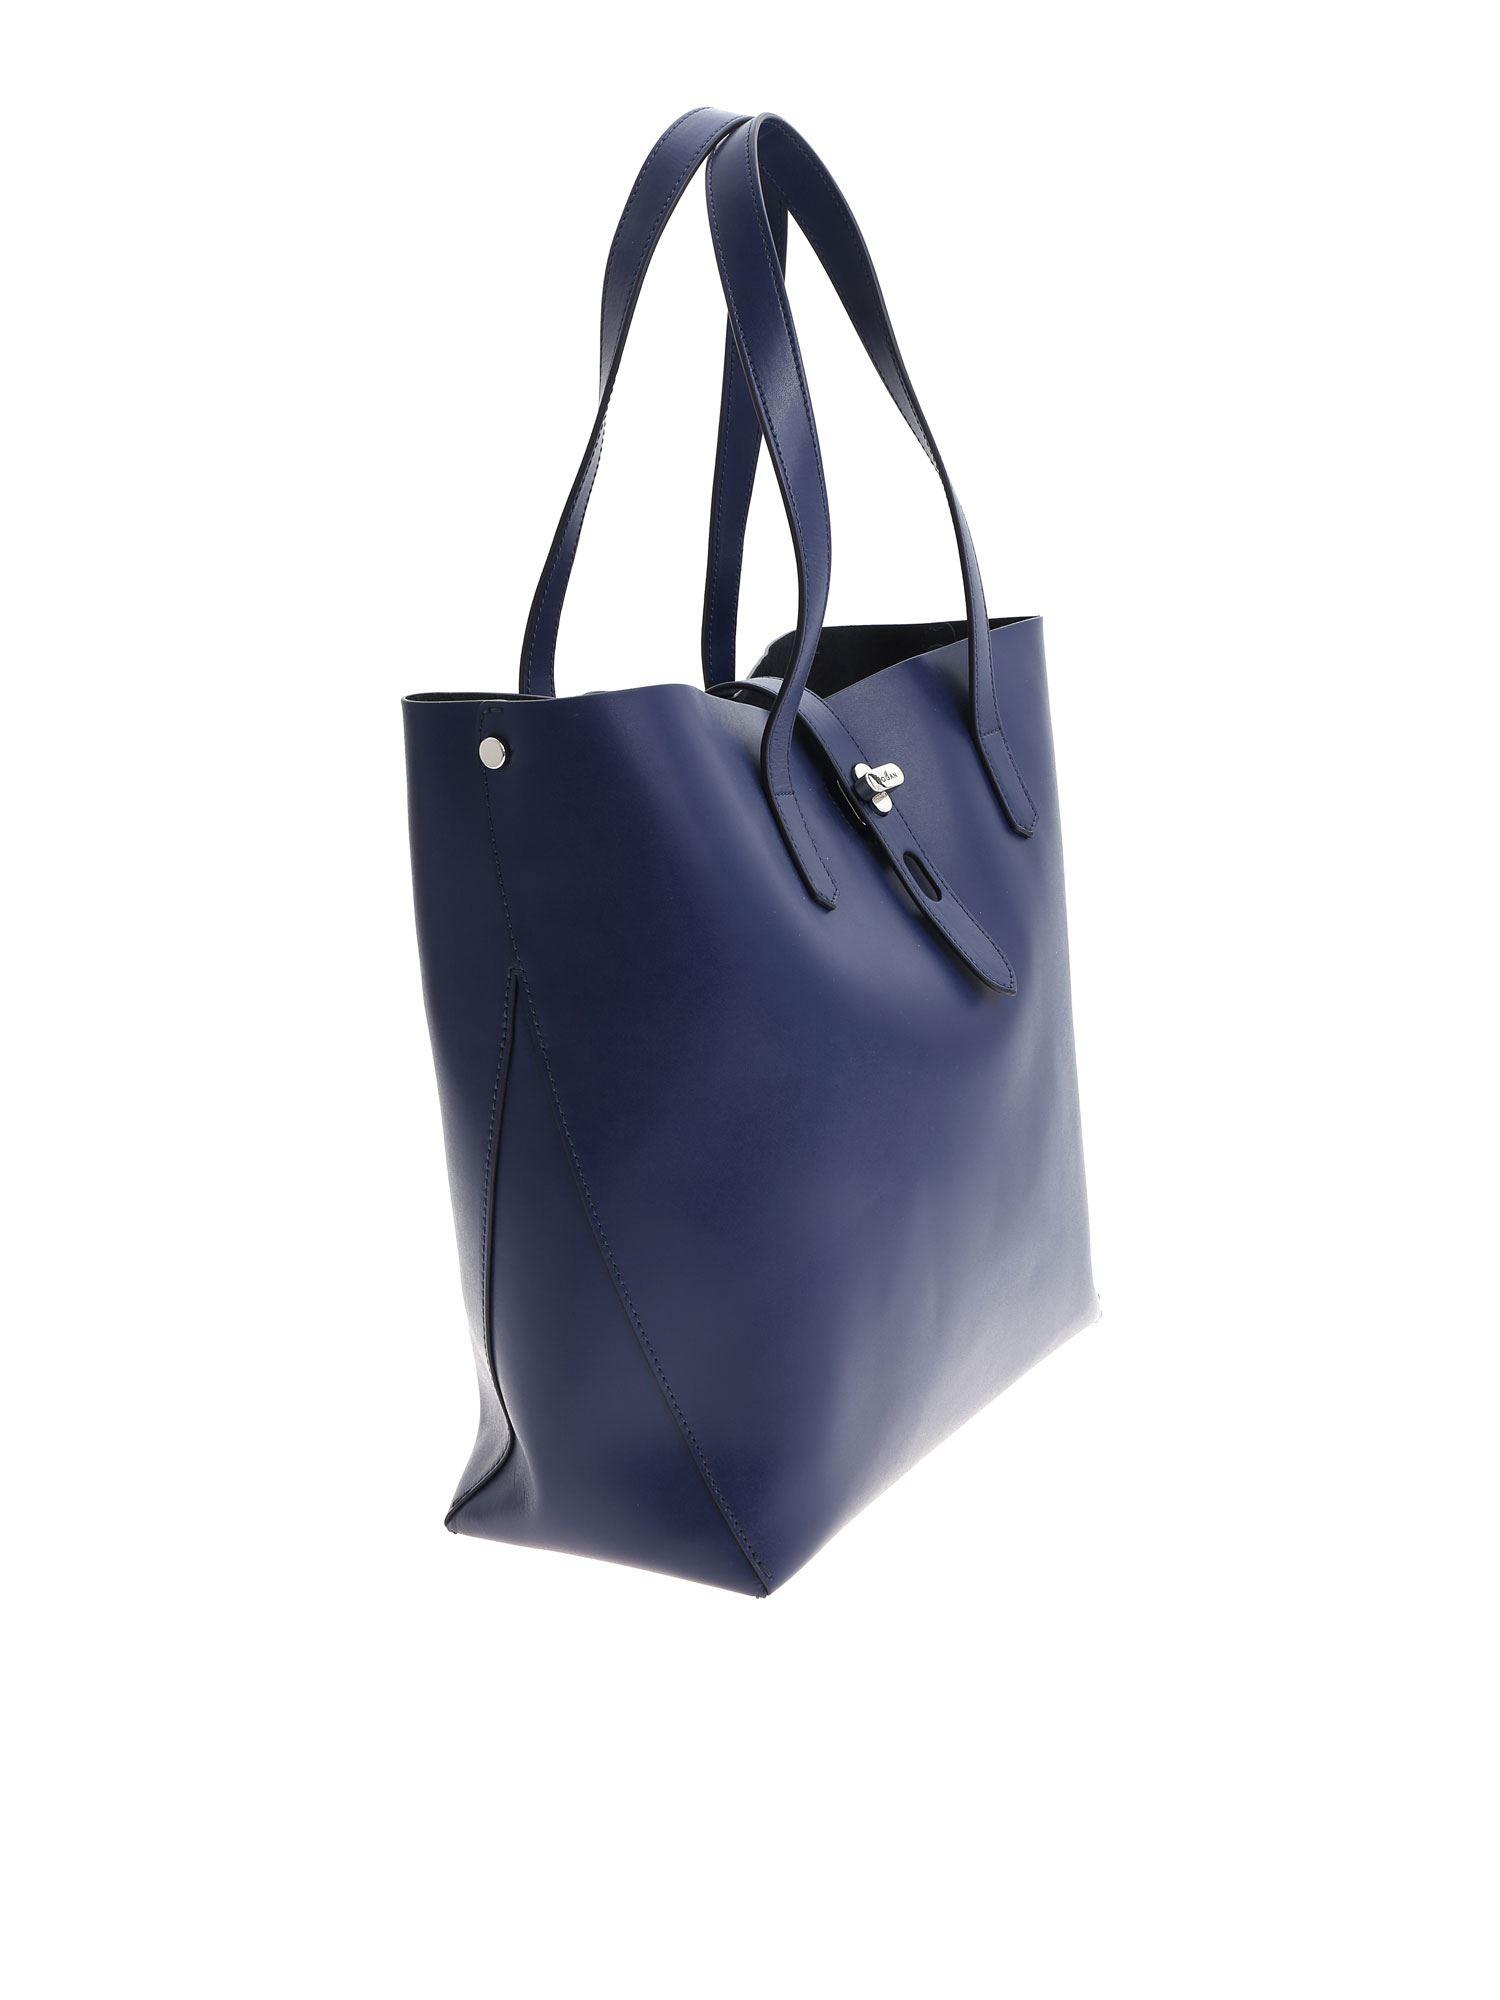 538e2058db Lyst - Hogan Dark Blue Shoulder Bag in Blue